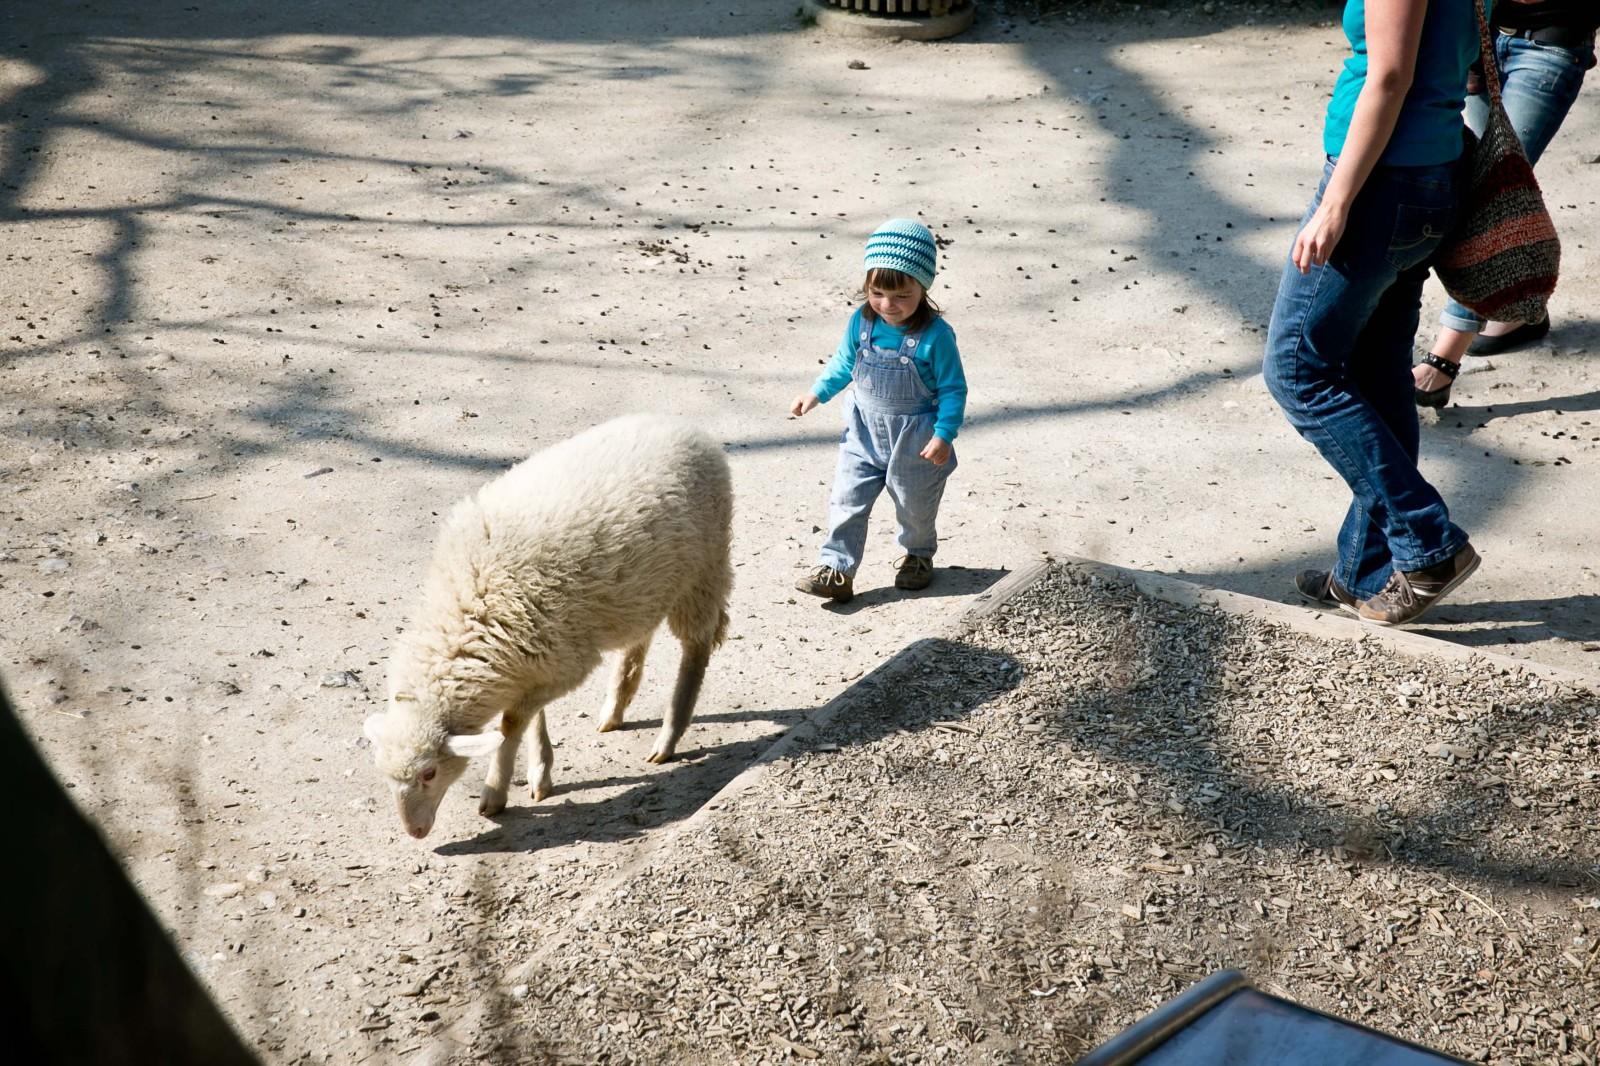 Der Streichelzoo bietet Spaß für Tier und Mensch